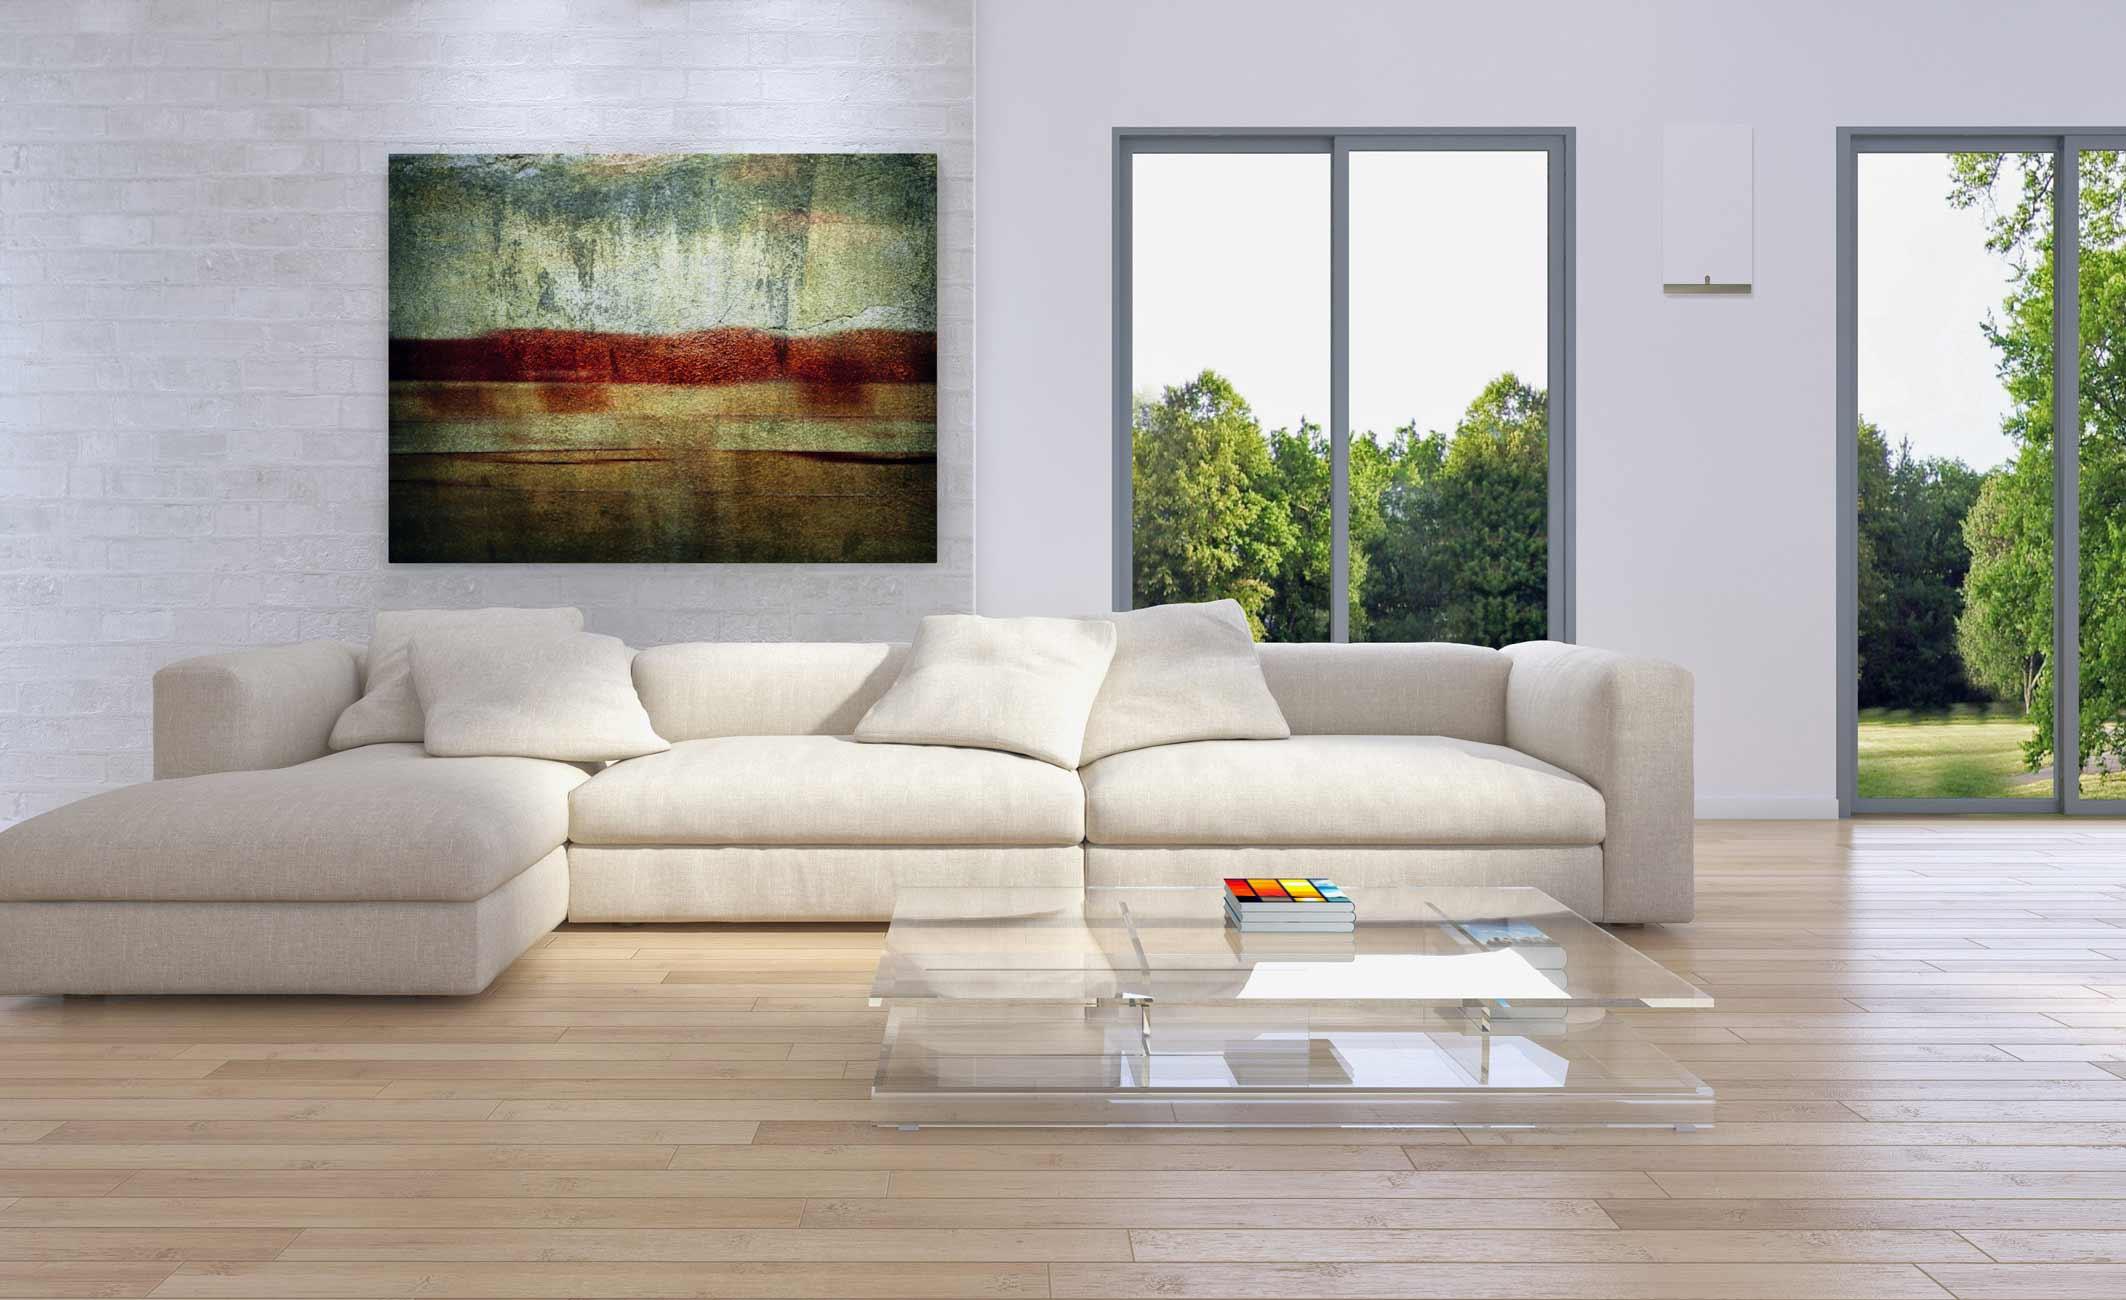 Wohnraumlüftung im Wohnzimmer - dezent integriert